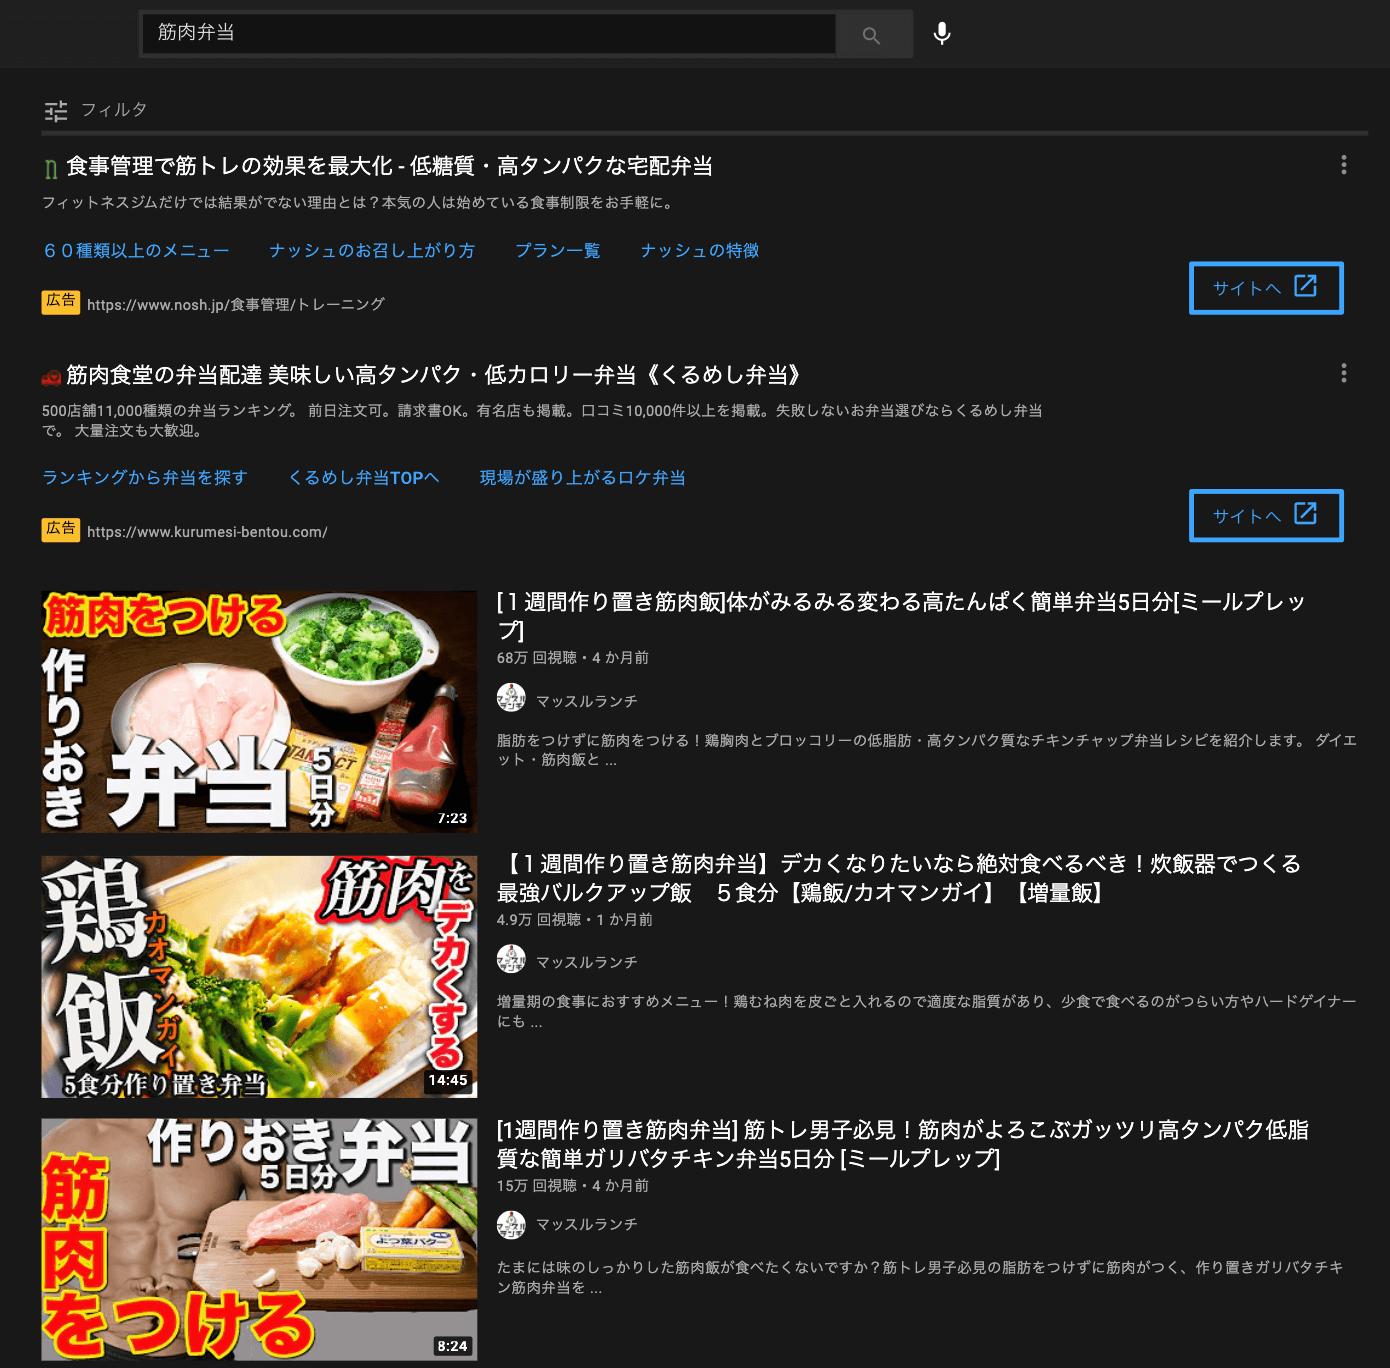 youtube-muscle bento-top display